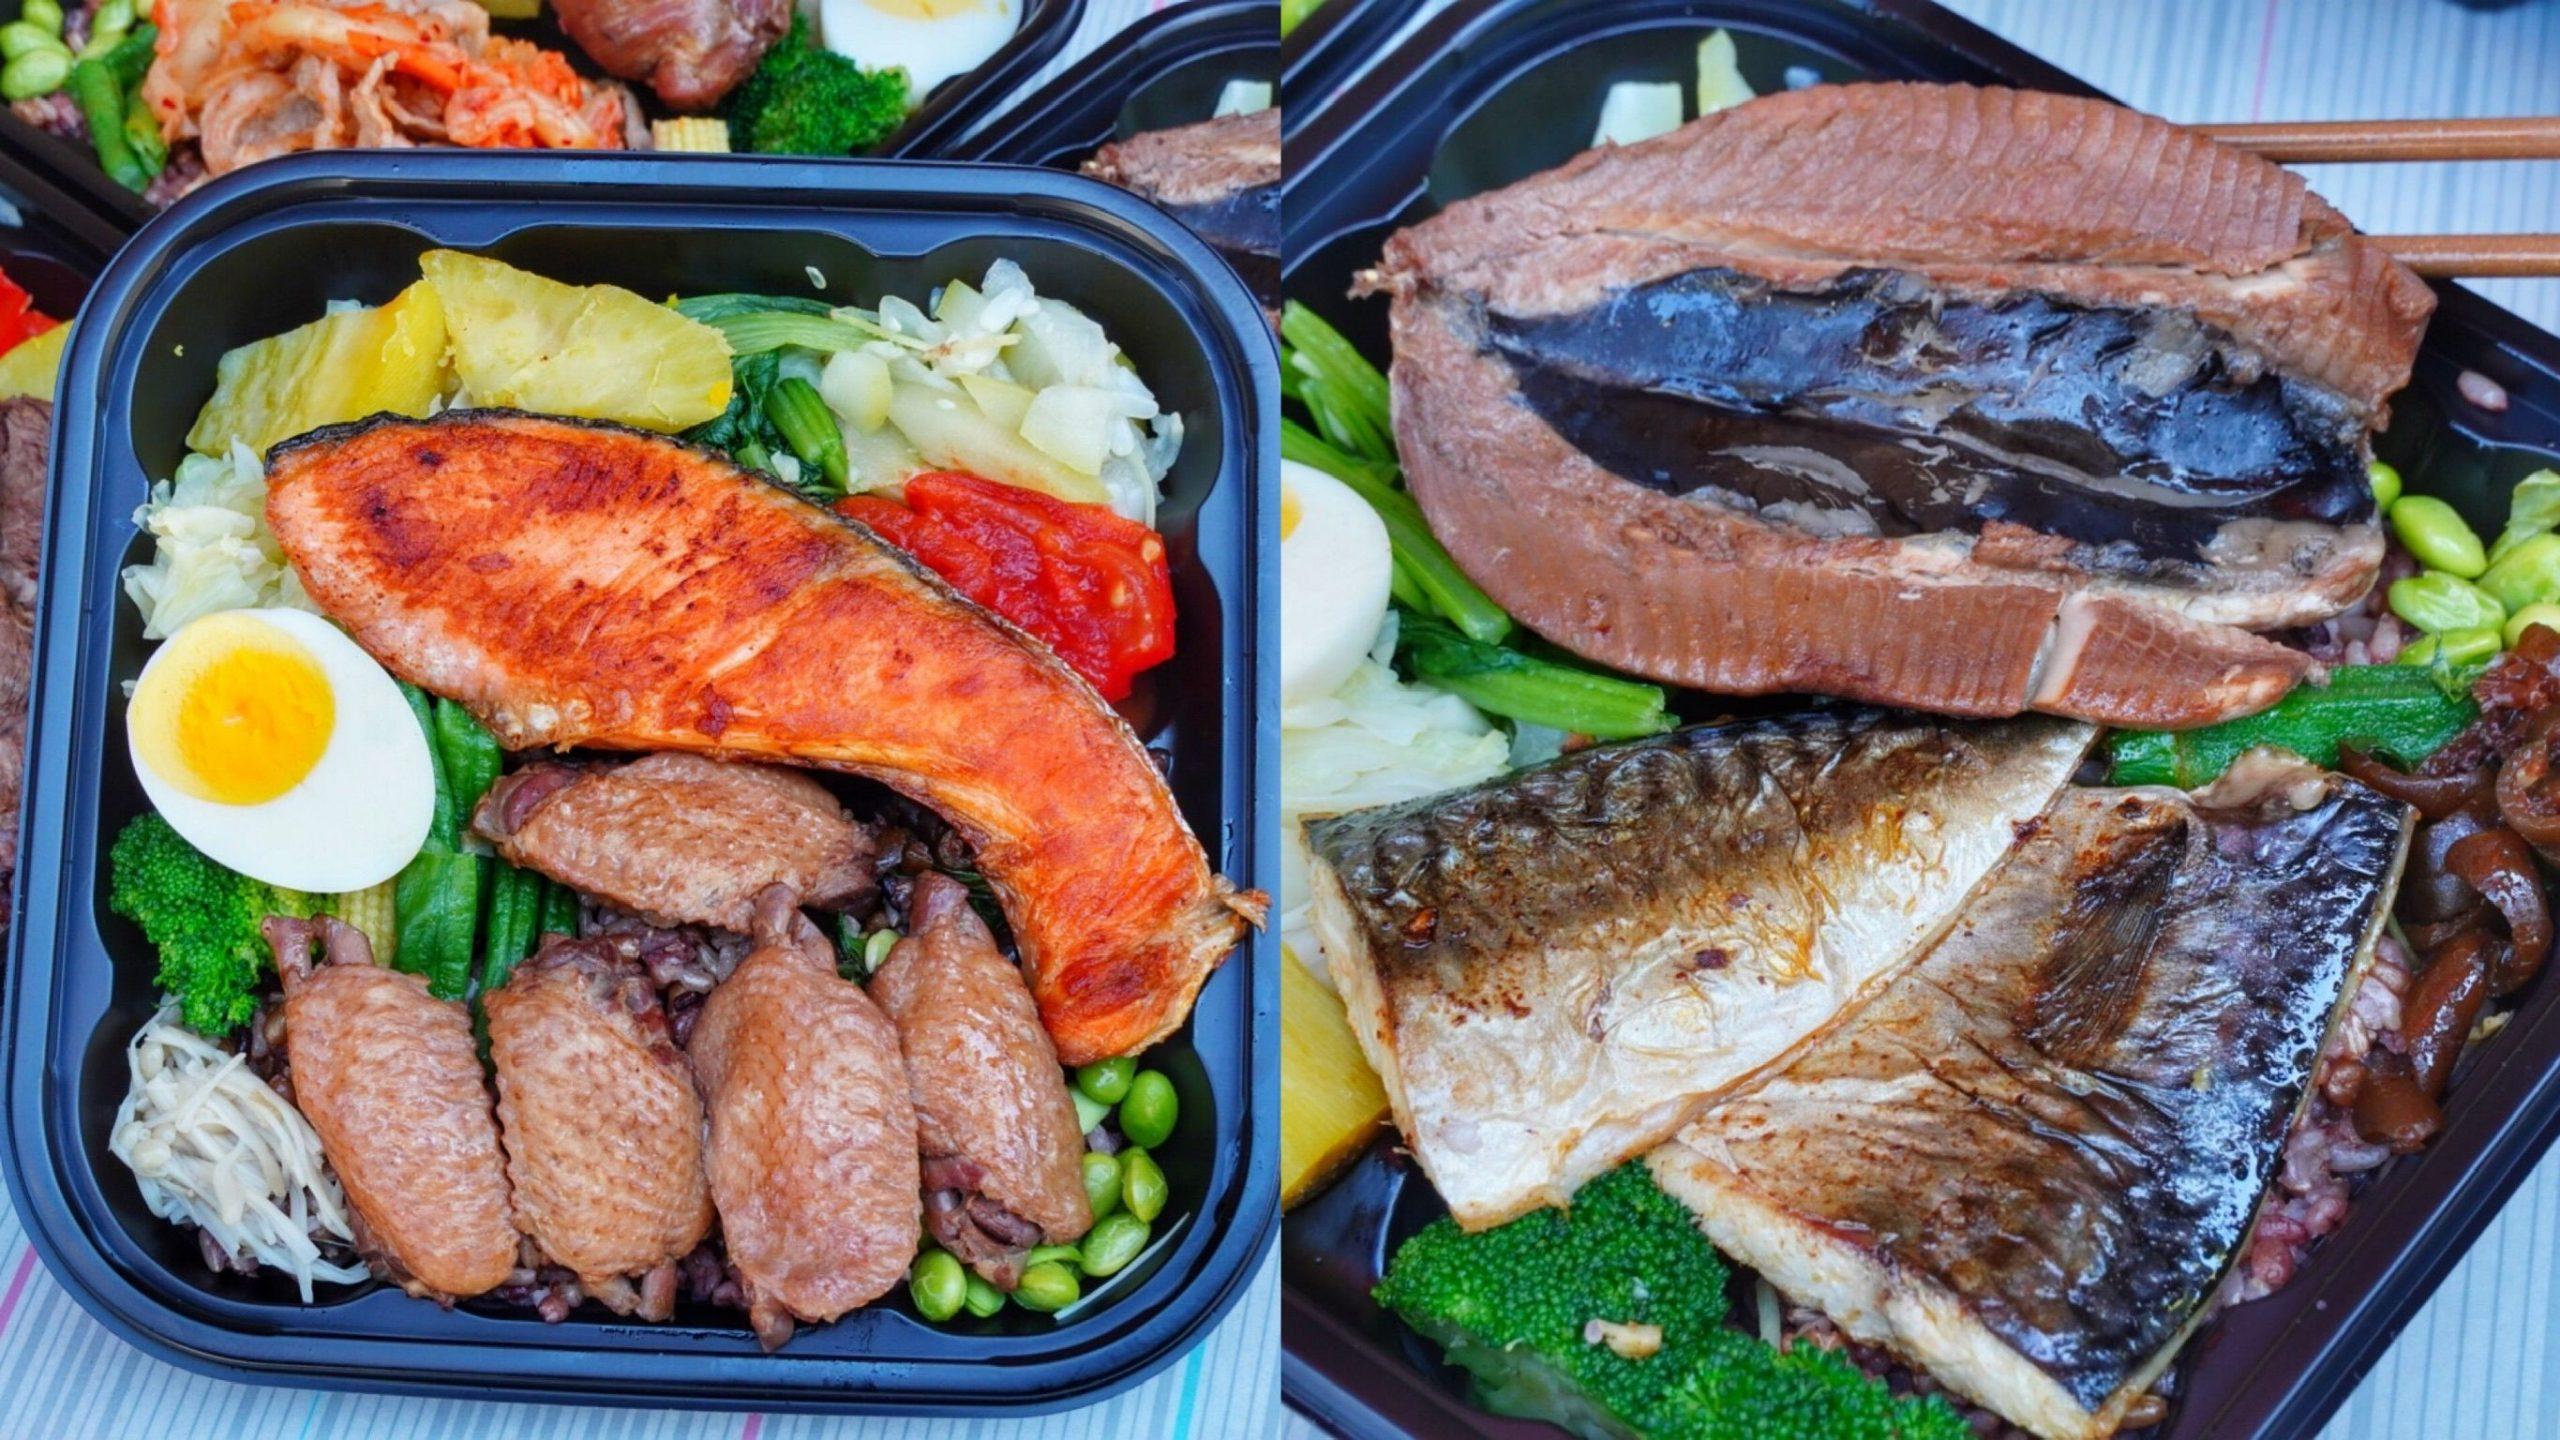 免出門可外送【輕鬆喰健康低卡養生餐盒】限時9折優惠,整片魚肚+雞腿 雙拼主食+10種菜超大份量,有31種選擇!